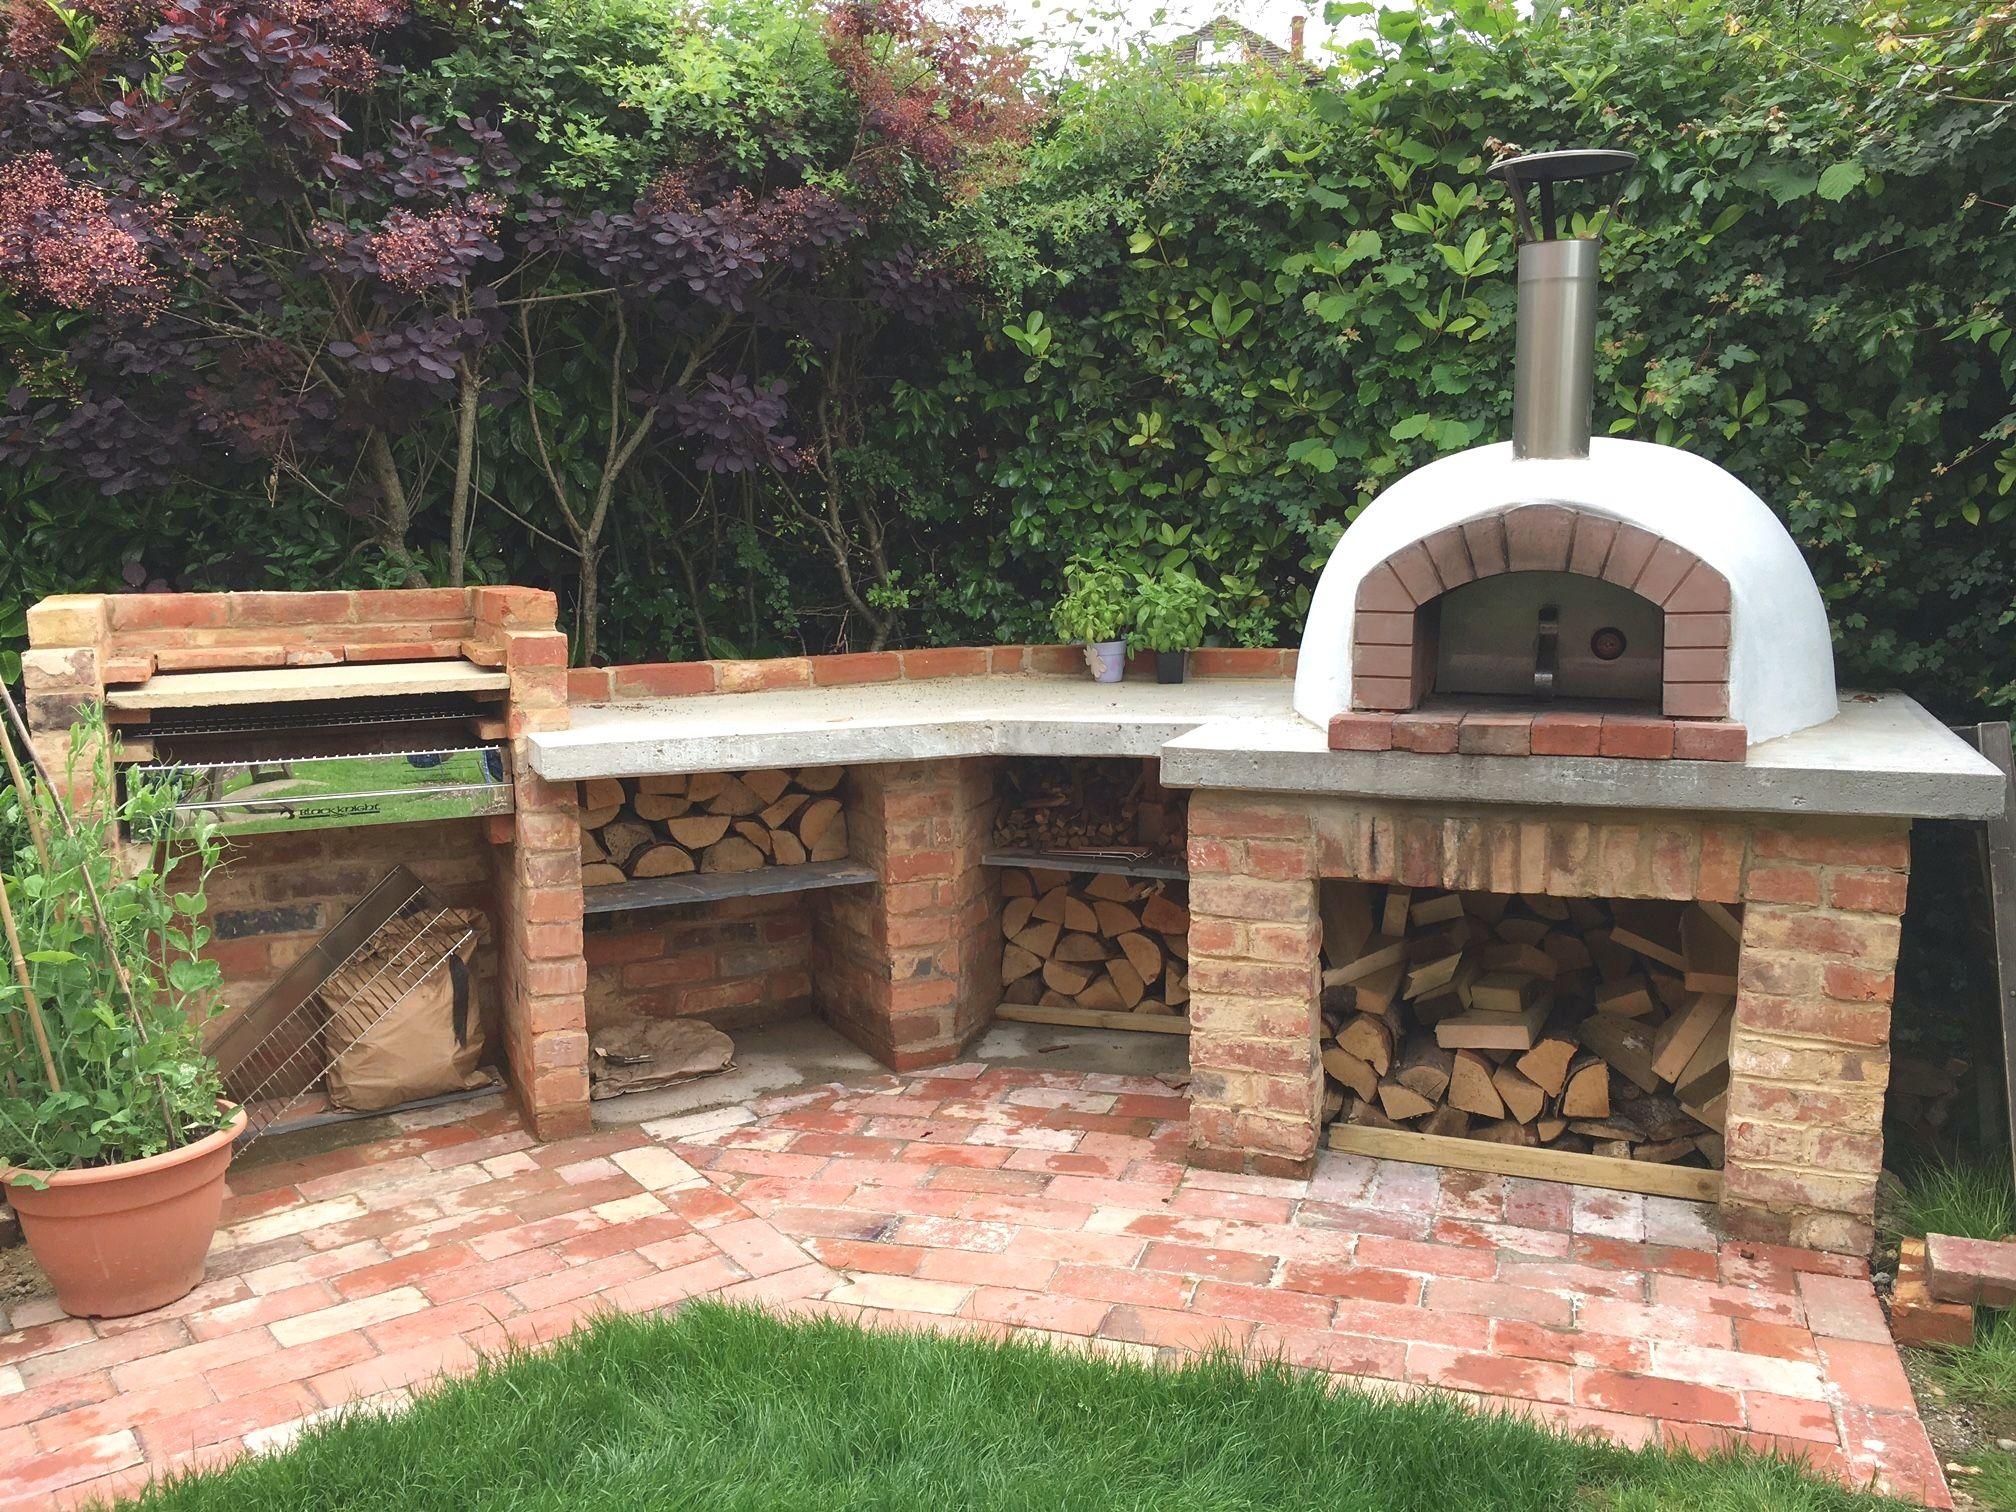 27 Insanely Outdoor Kitchen Ideas Homeprit Outdoor Kitchen Design Pizza Oven Outdoor Kitchen Outdoor Kitchen